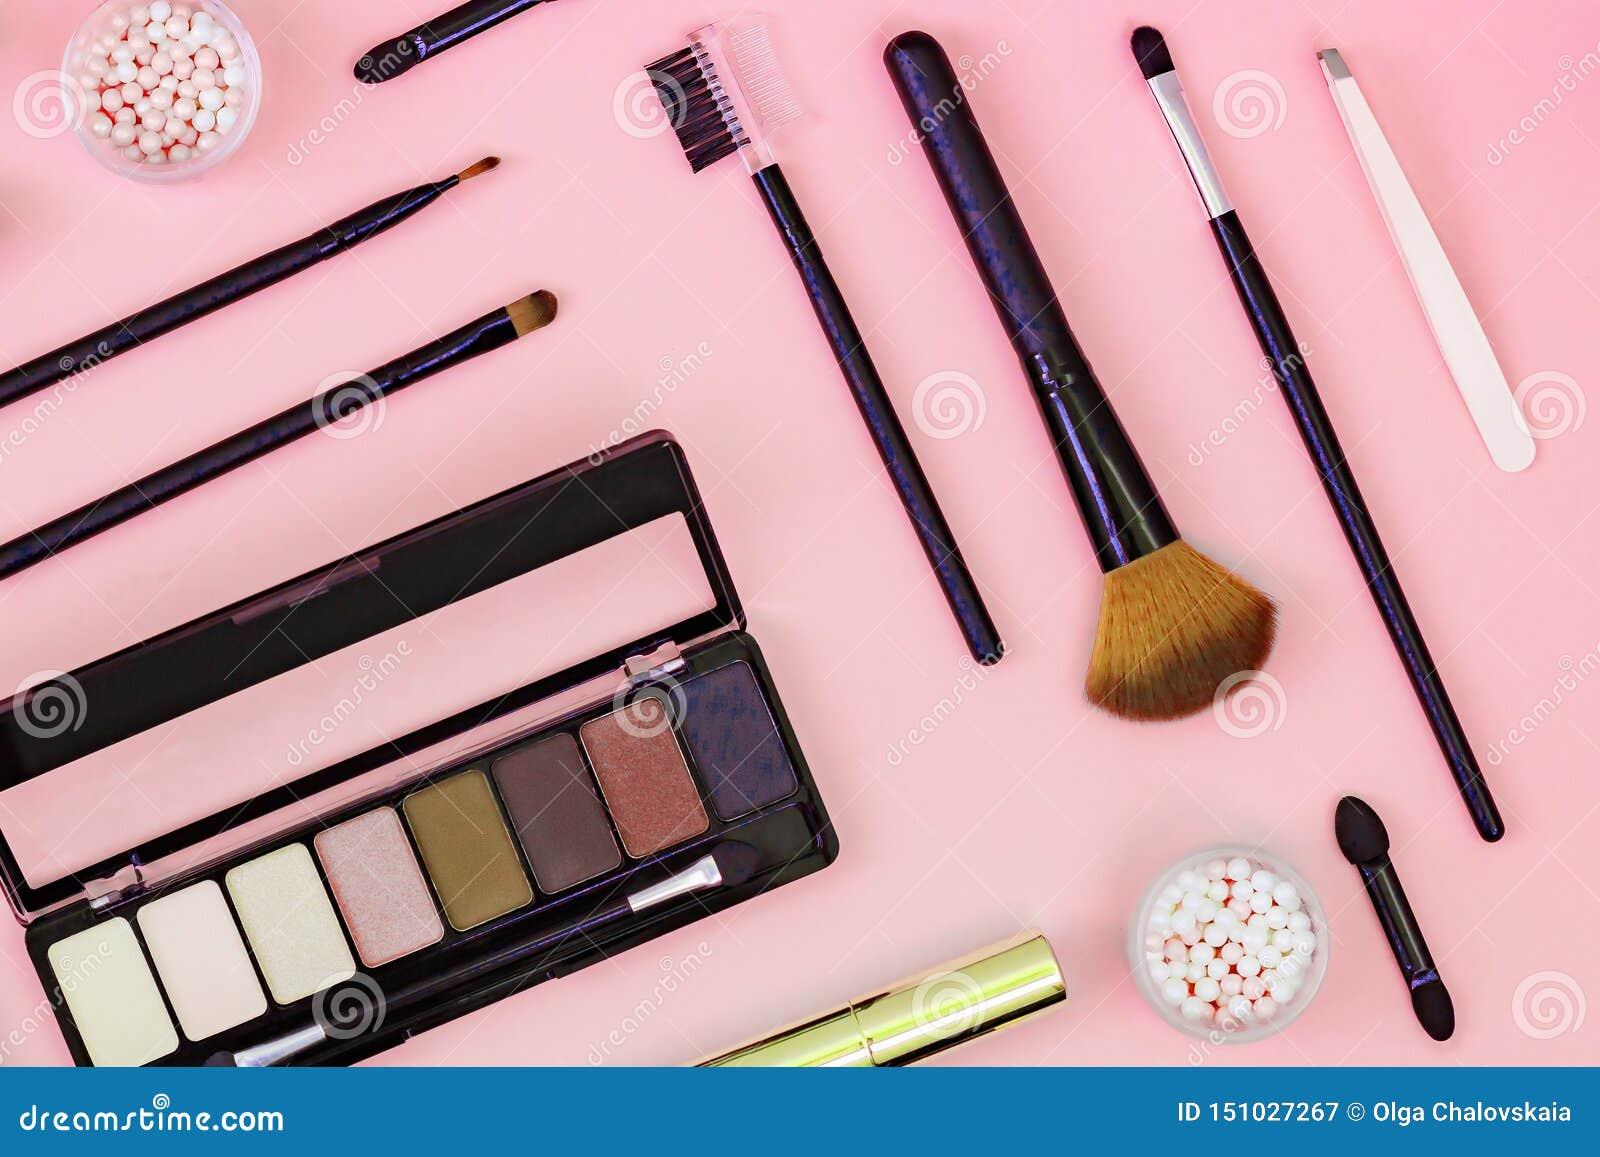 Fije del polvo cosmético decorativo, lápiz corrector, cepillo de la sombra de ojos, rimel